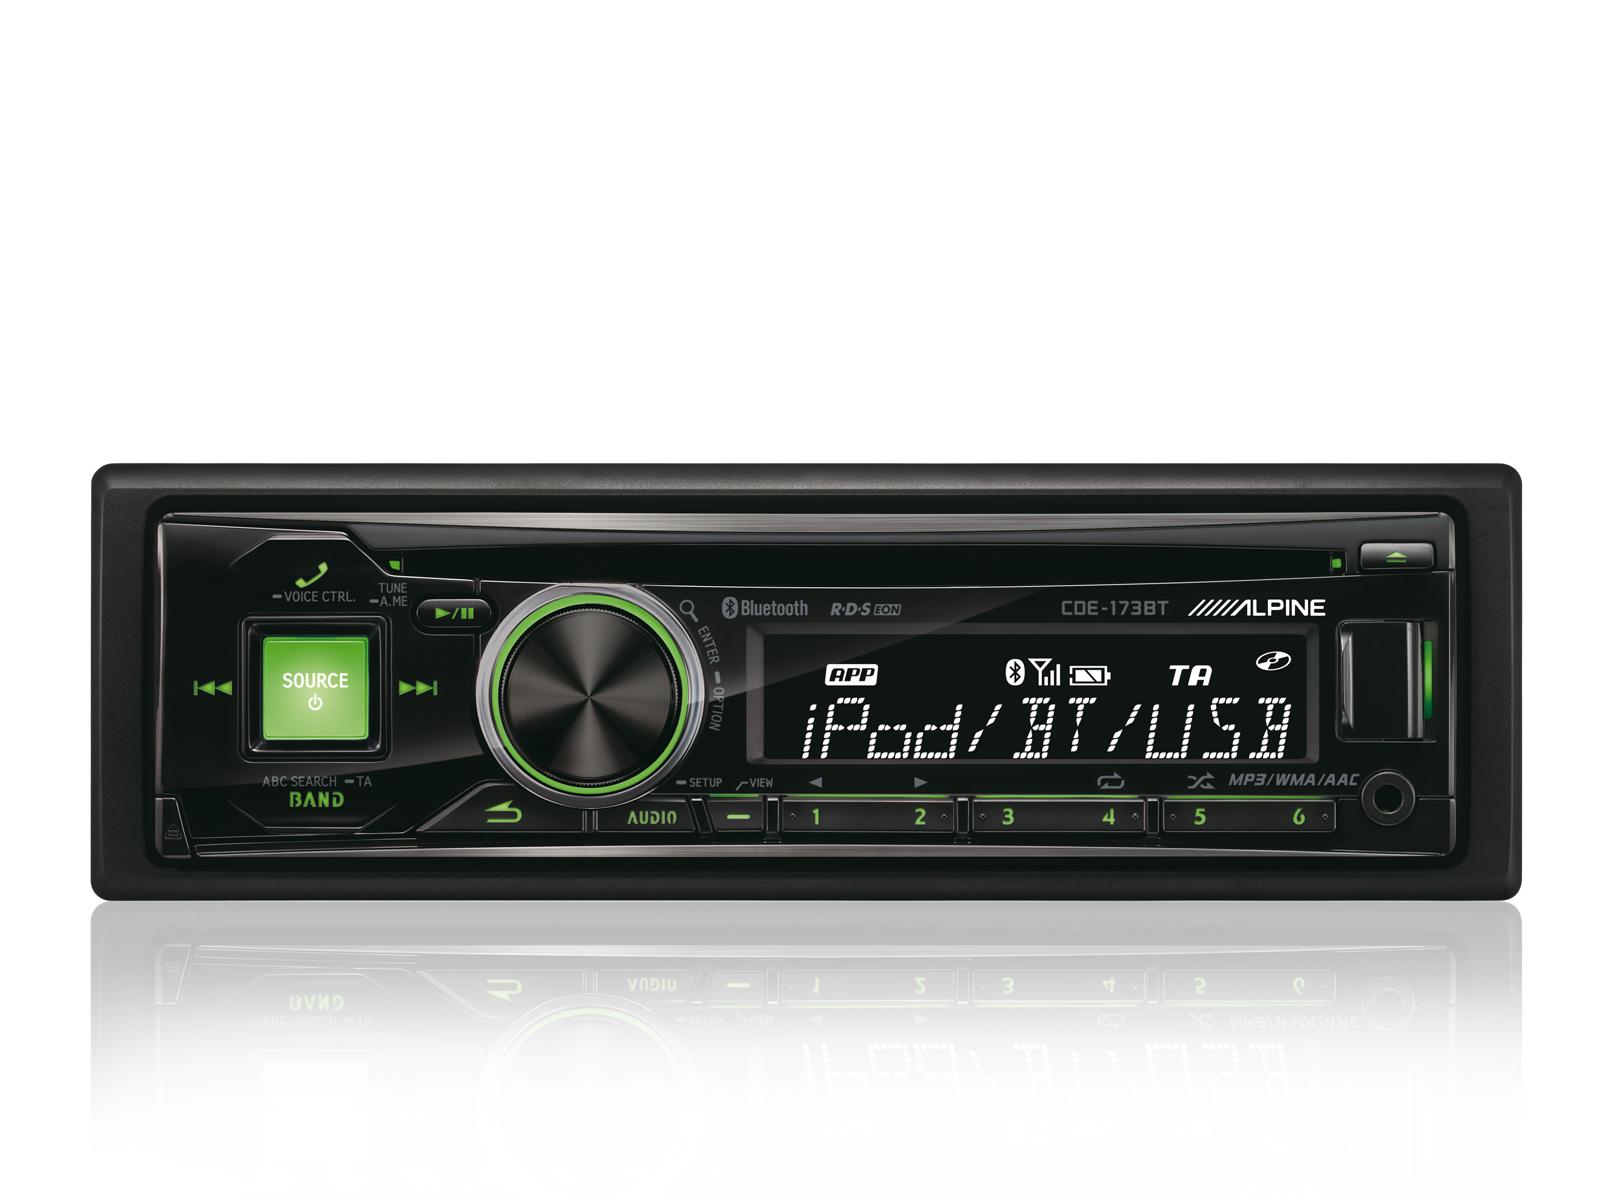 CD/USB RECEIVER MIT BT PLUS BLUETOOTH-FUNKTION - Alpine - CDE-173BT